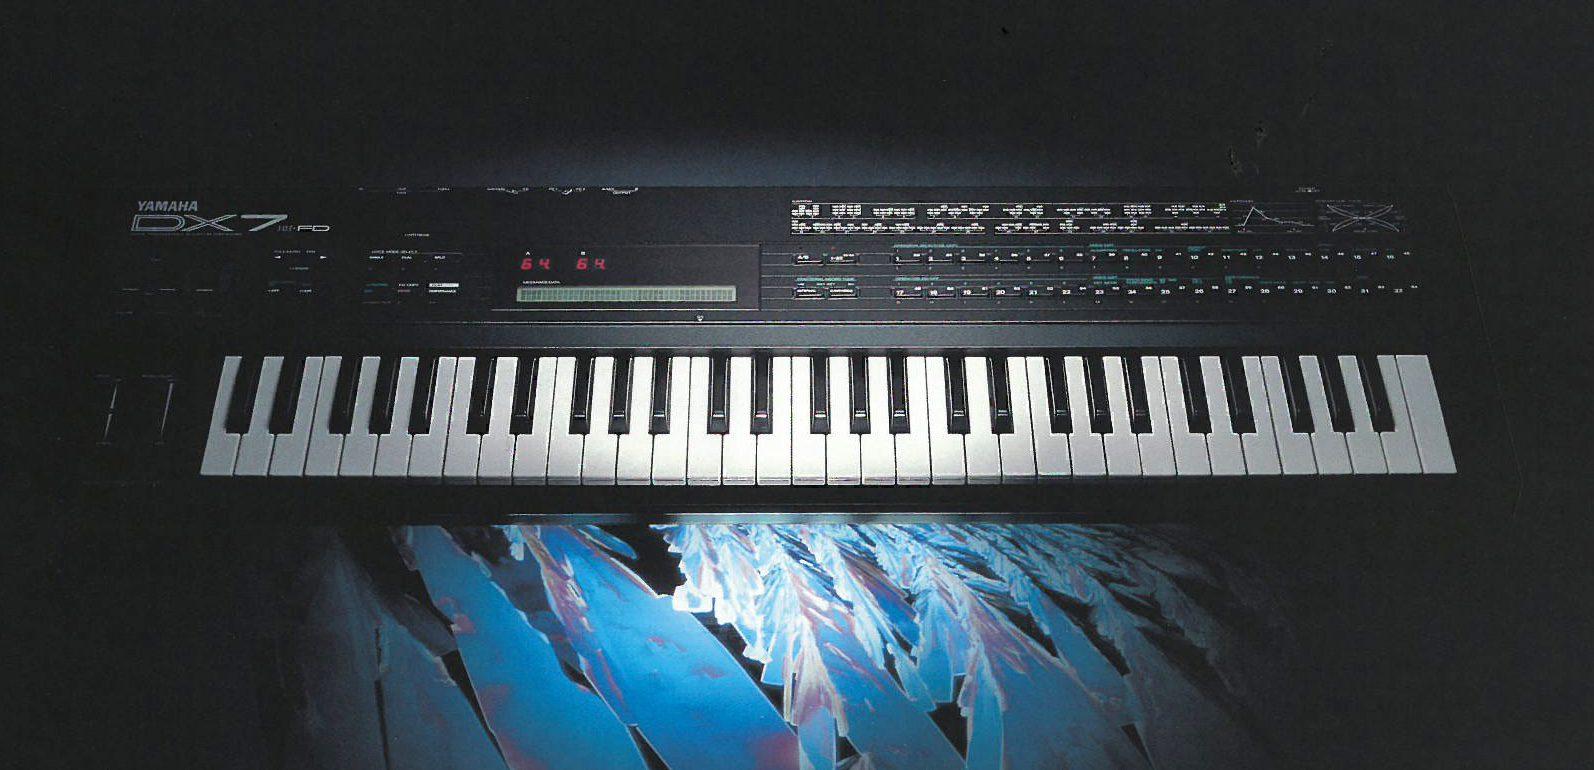 Yamaha DX7 II